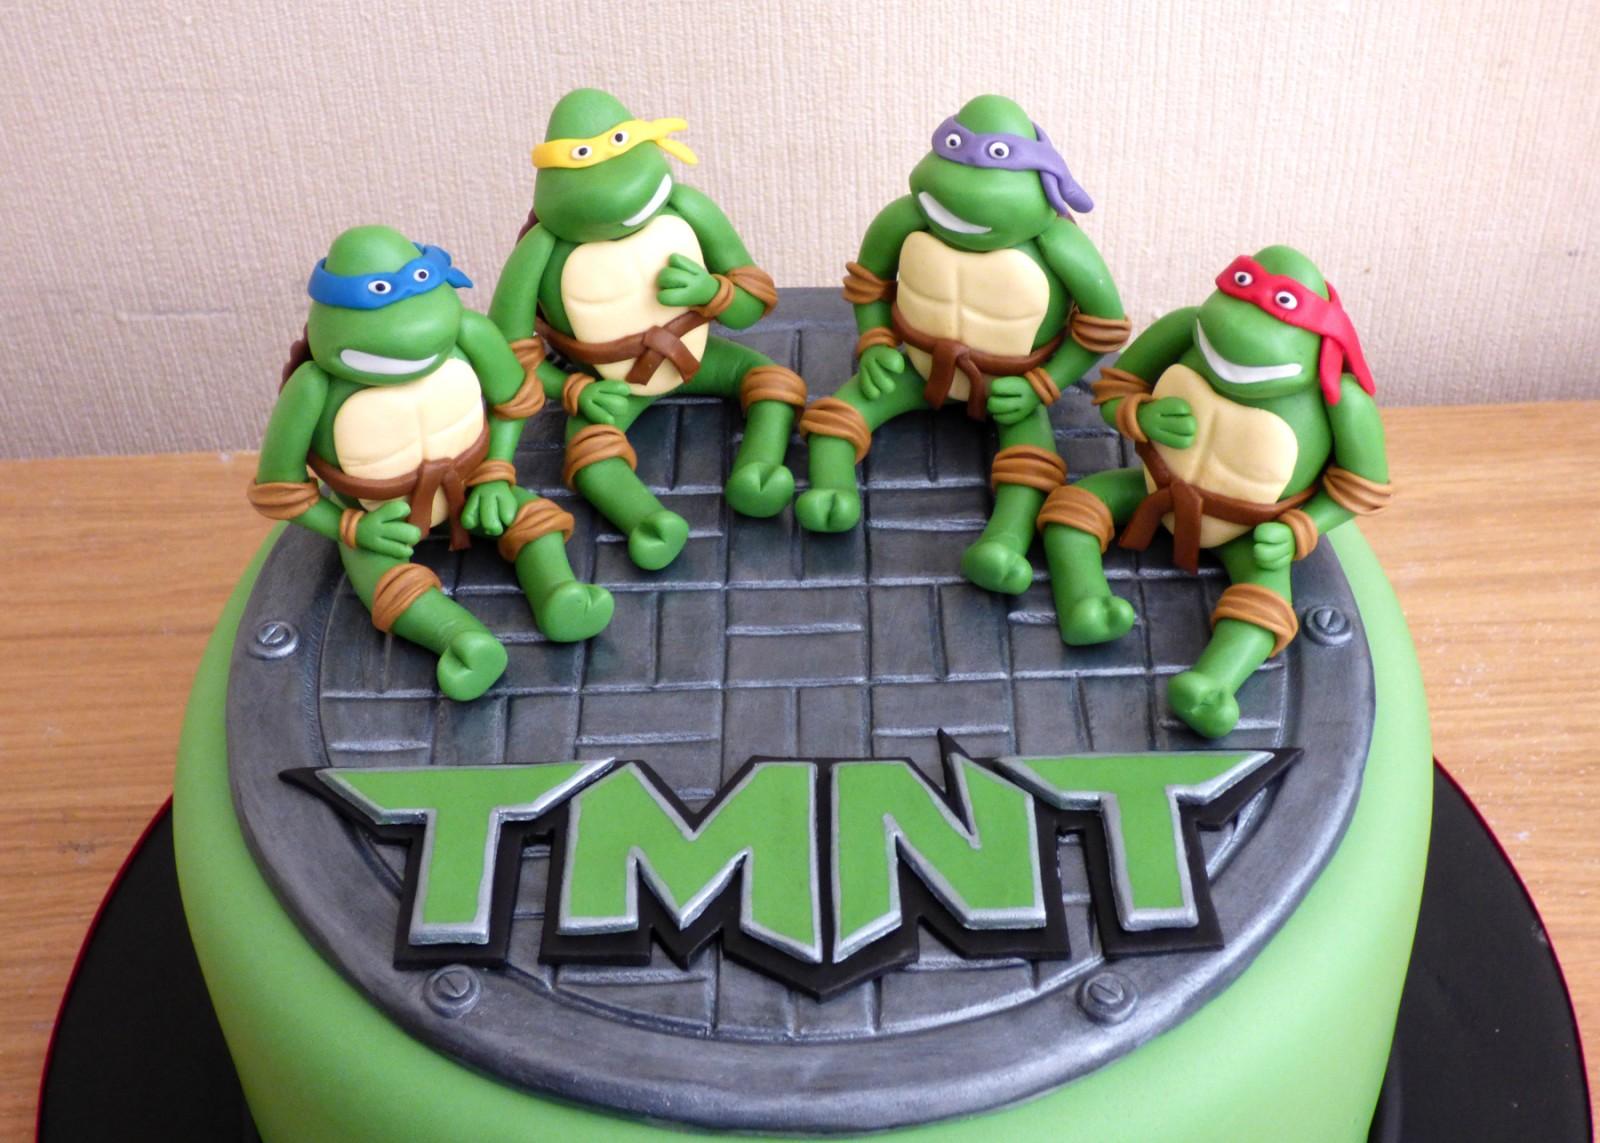 Brilliant Teenage Mutant Ninja Turtles Birthday Cake Susies Cakes Personalised Birthday Cards Petedlily Jamesorg